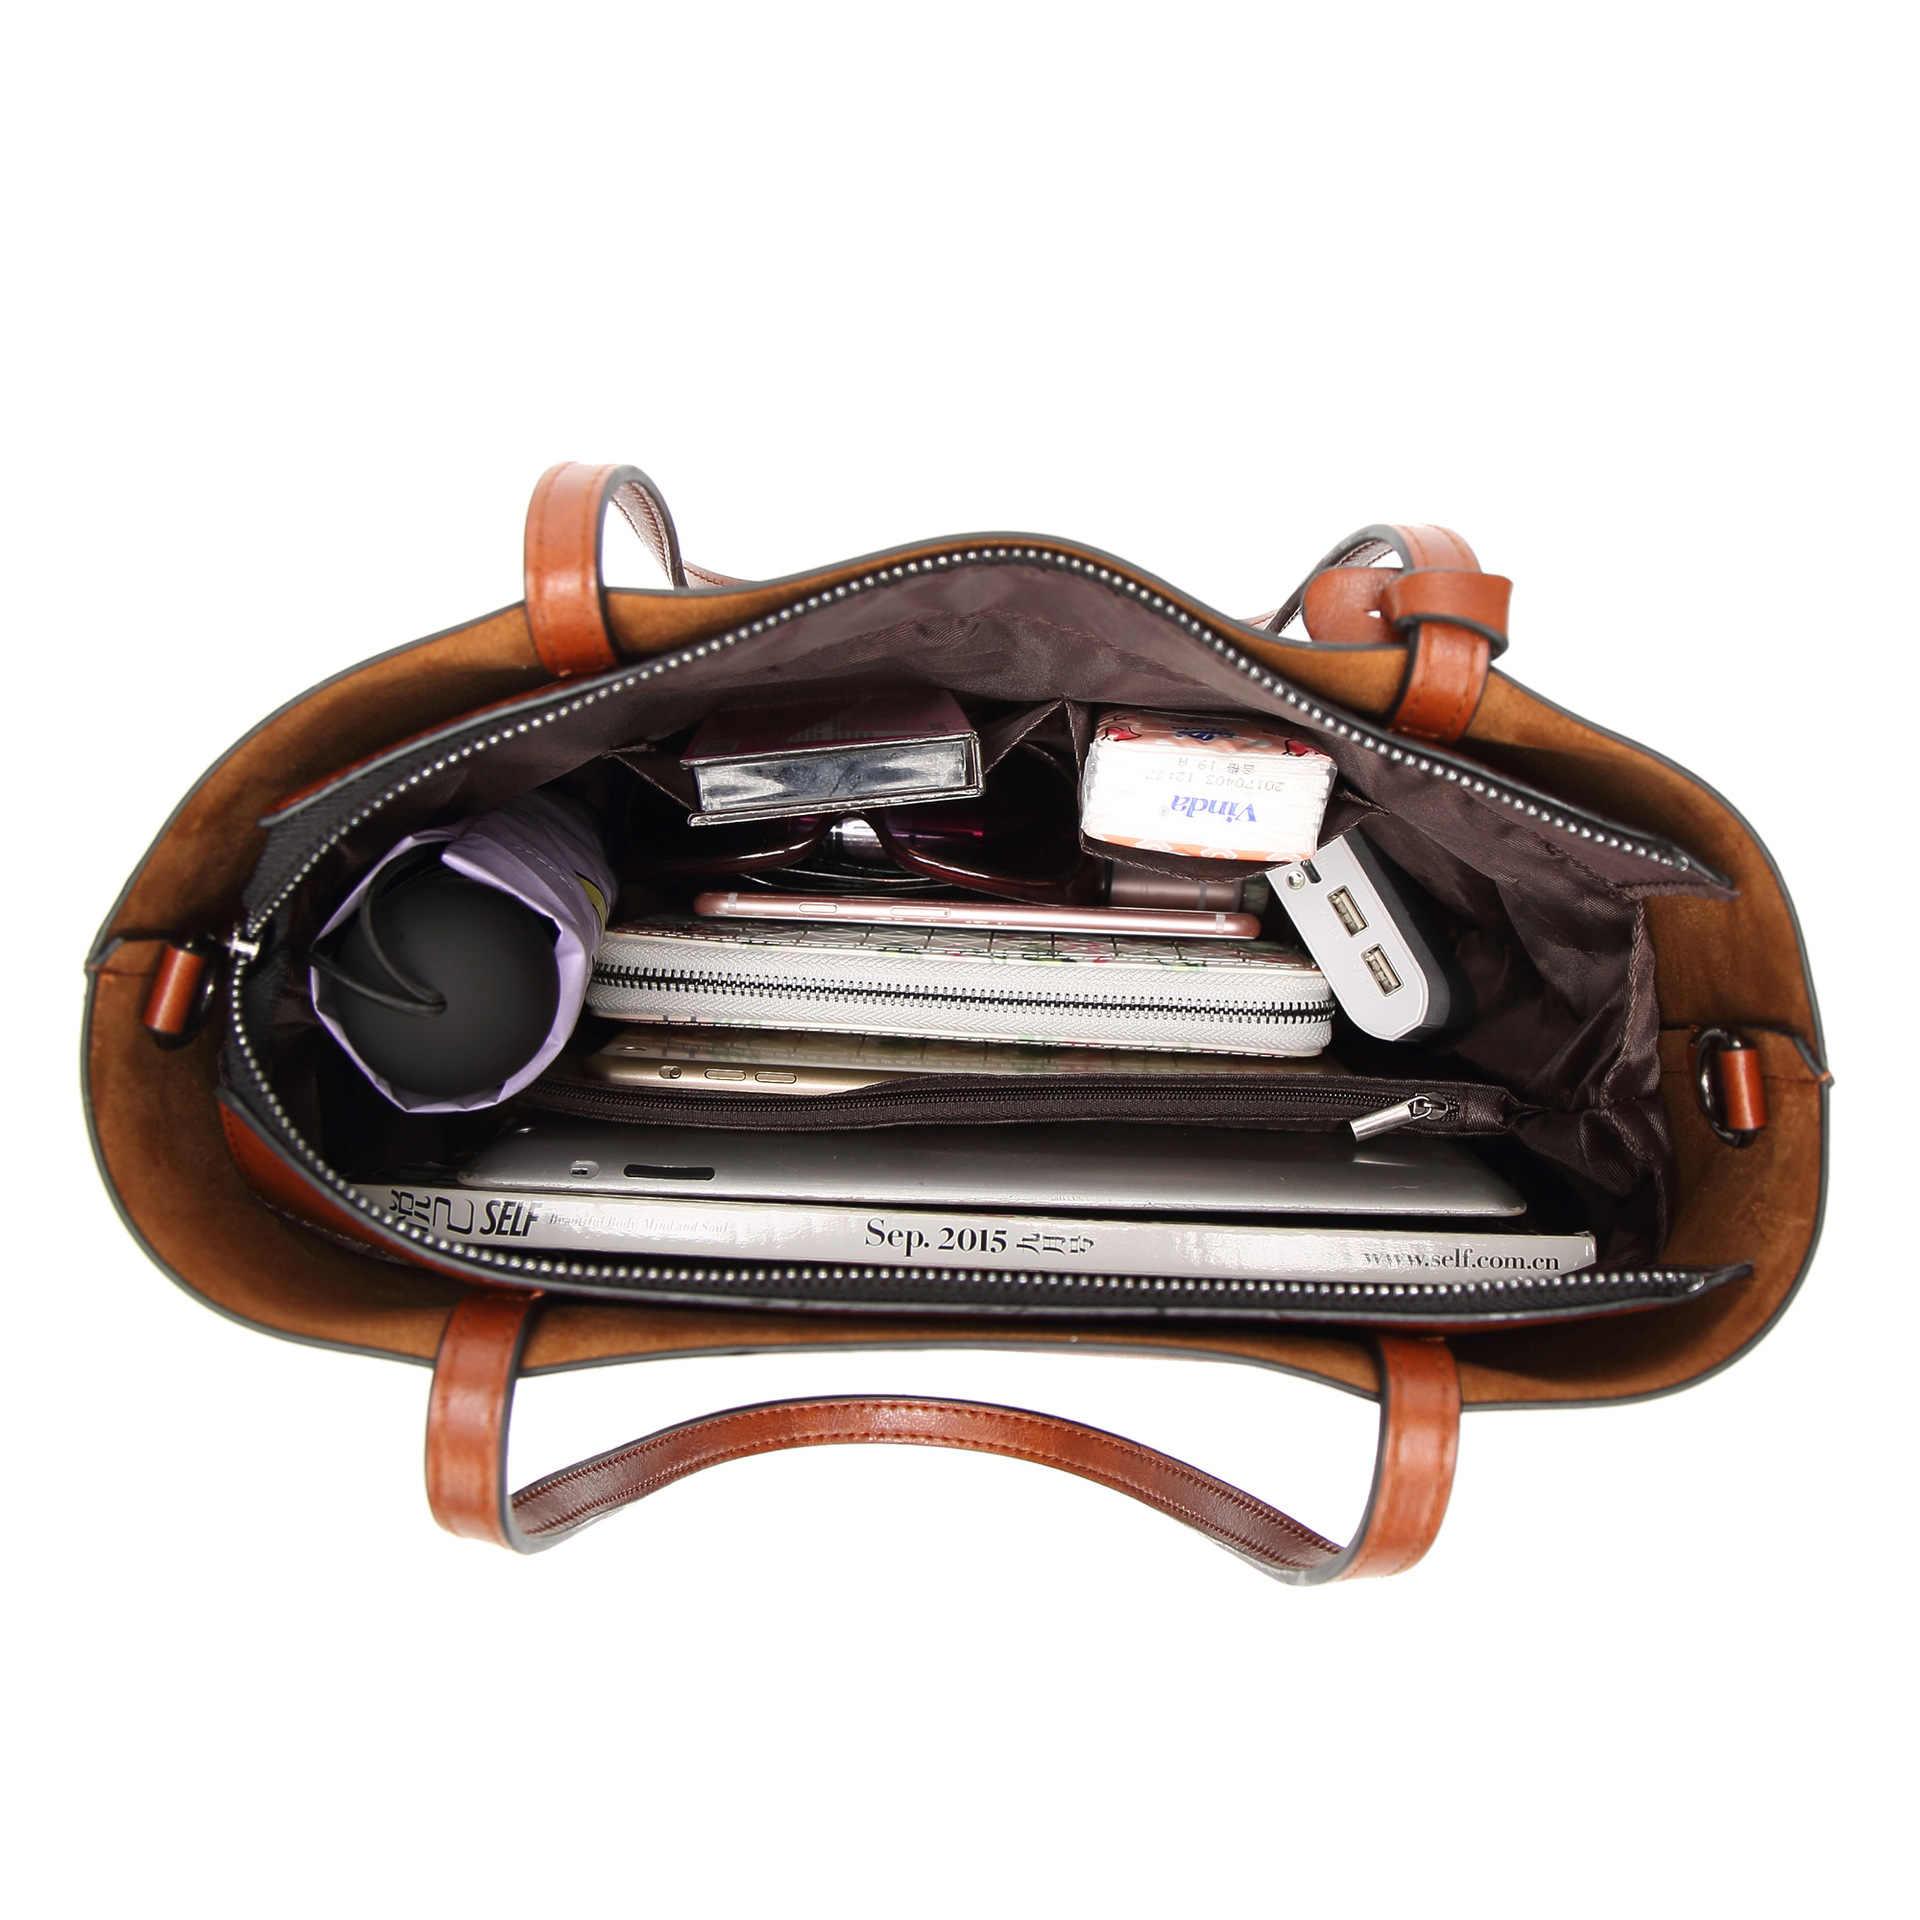 Hakiki deri lüks çanta kadın çantası tasarımcısı kadın omuz bağbozumu bayanlar Crossbody çanta kadınlar için yüksek kalite C1079